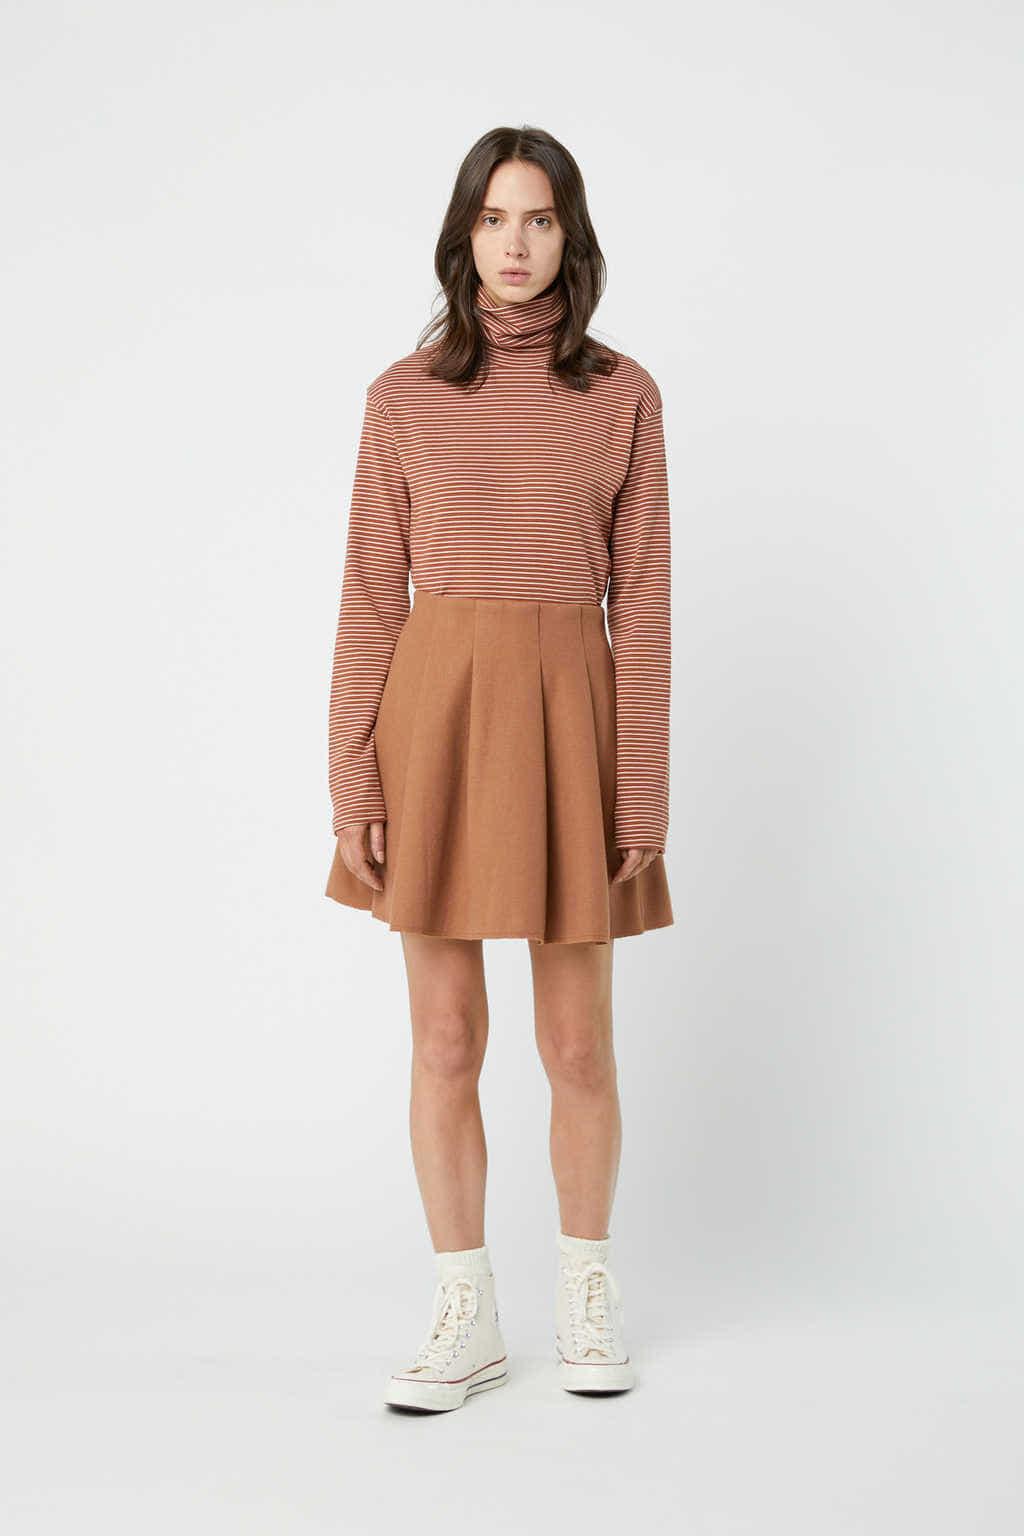 TShirt J011 Brown 2